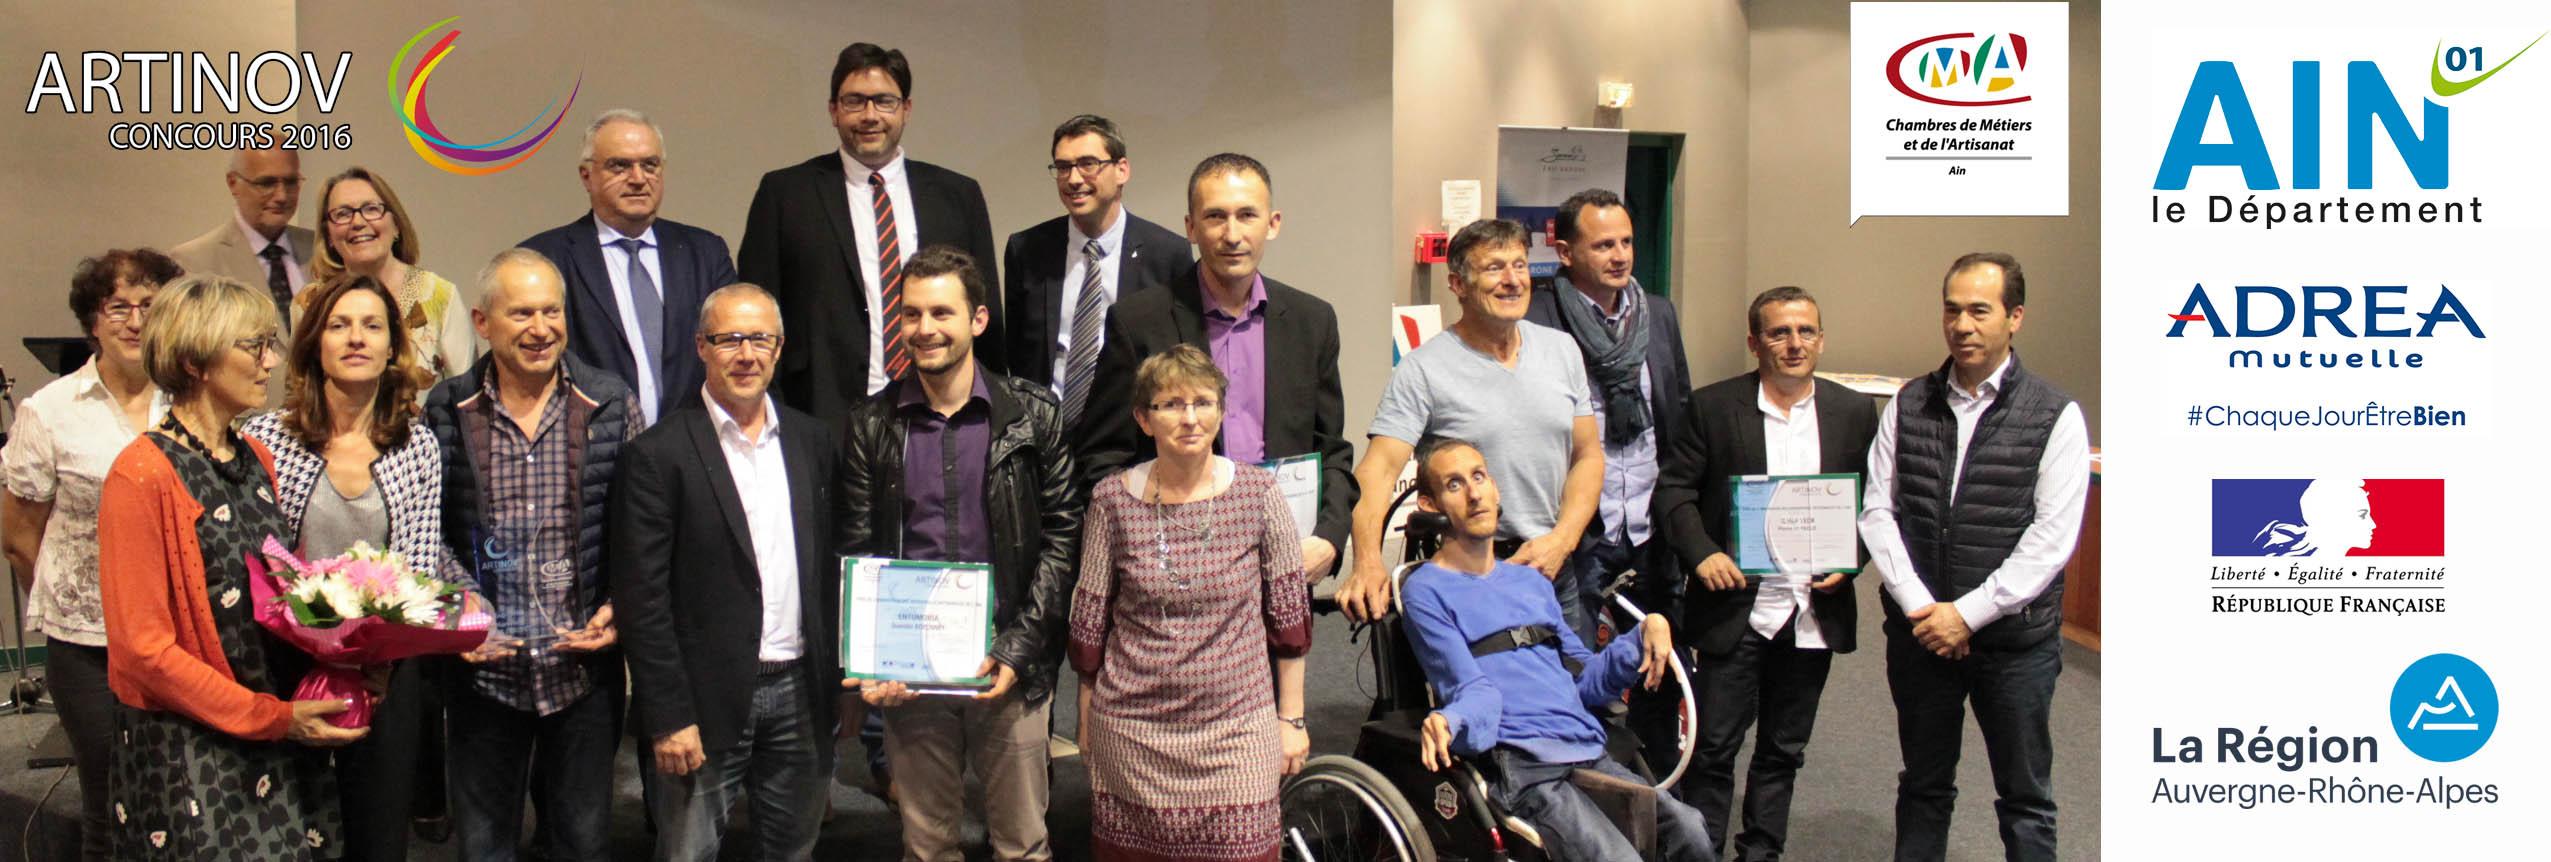 Photo des lauréats et partenaires de la soirée ARTINOV au CT-IPC